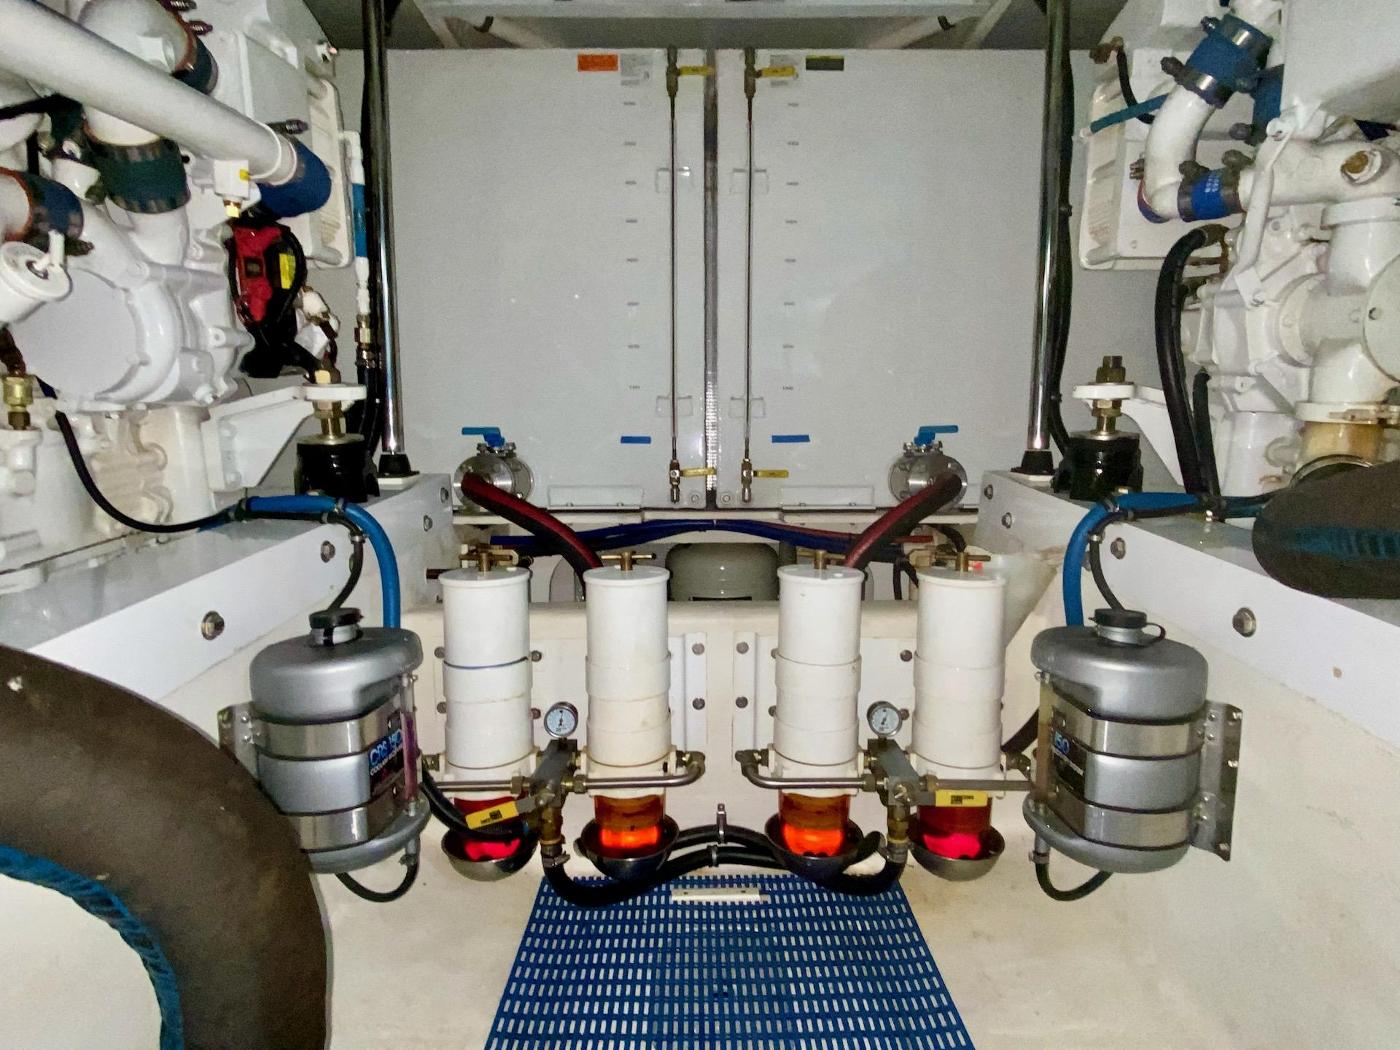 2004 Pacific Mariner 65 Diamond, Engine room